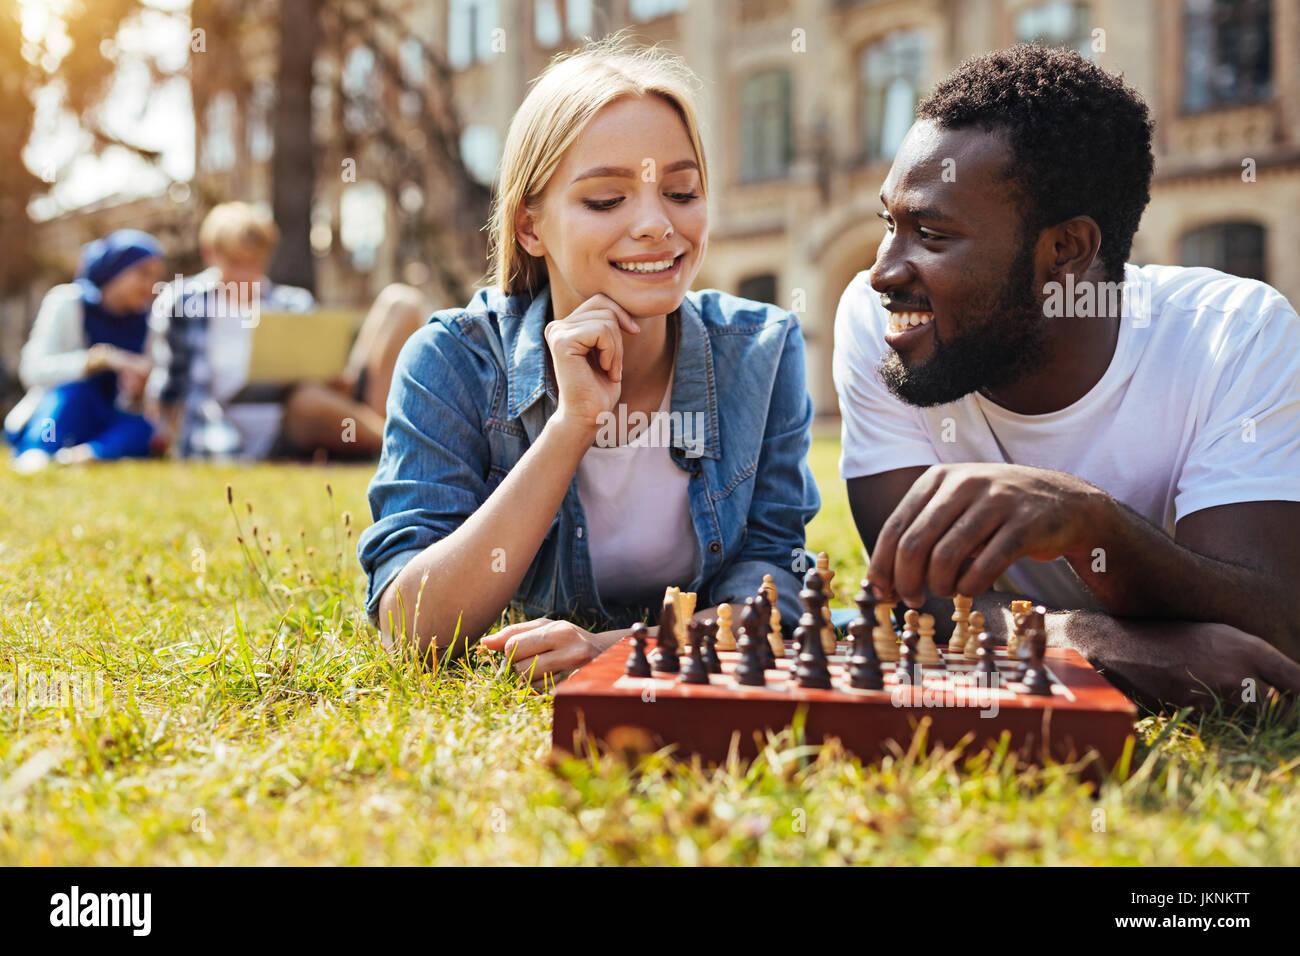 Positivo pretty woman insegnando il suo amico giocare a scacchi Immagini Stock